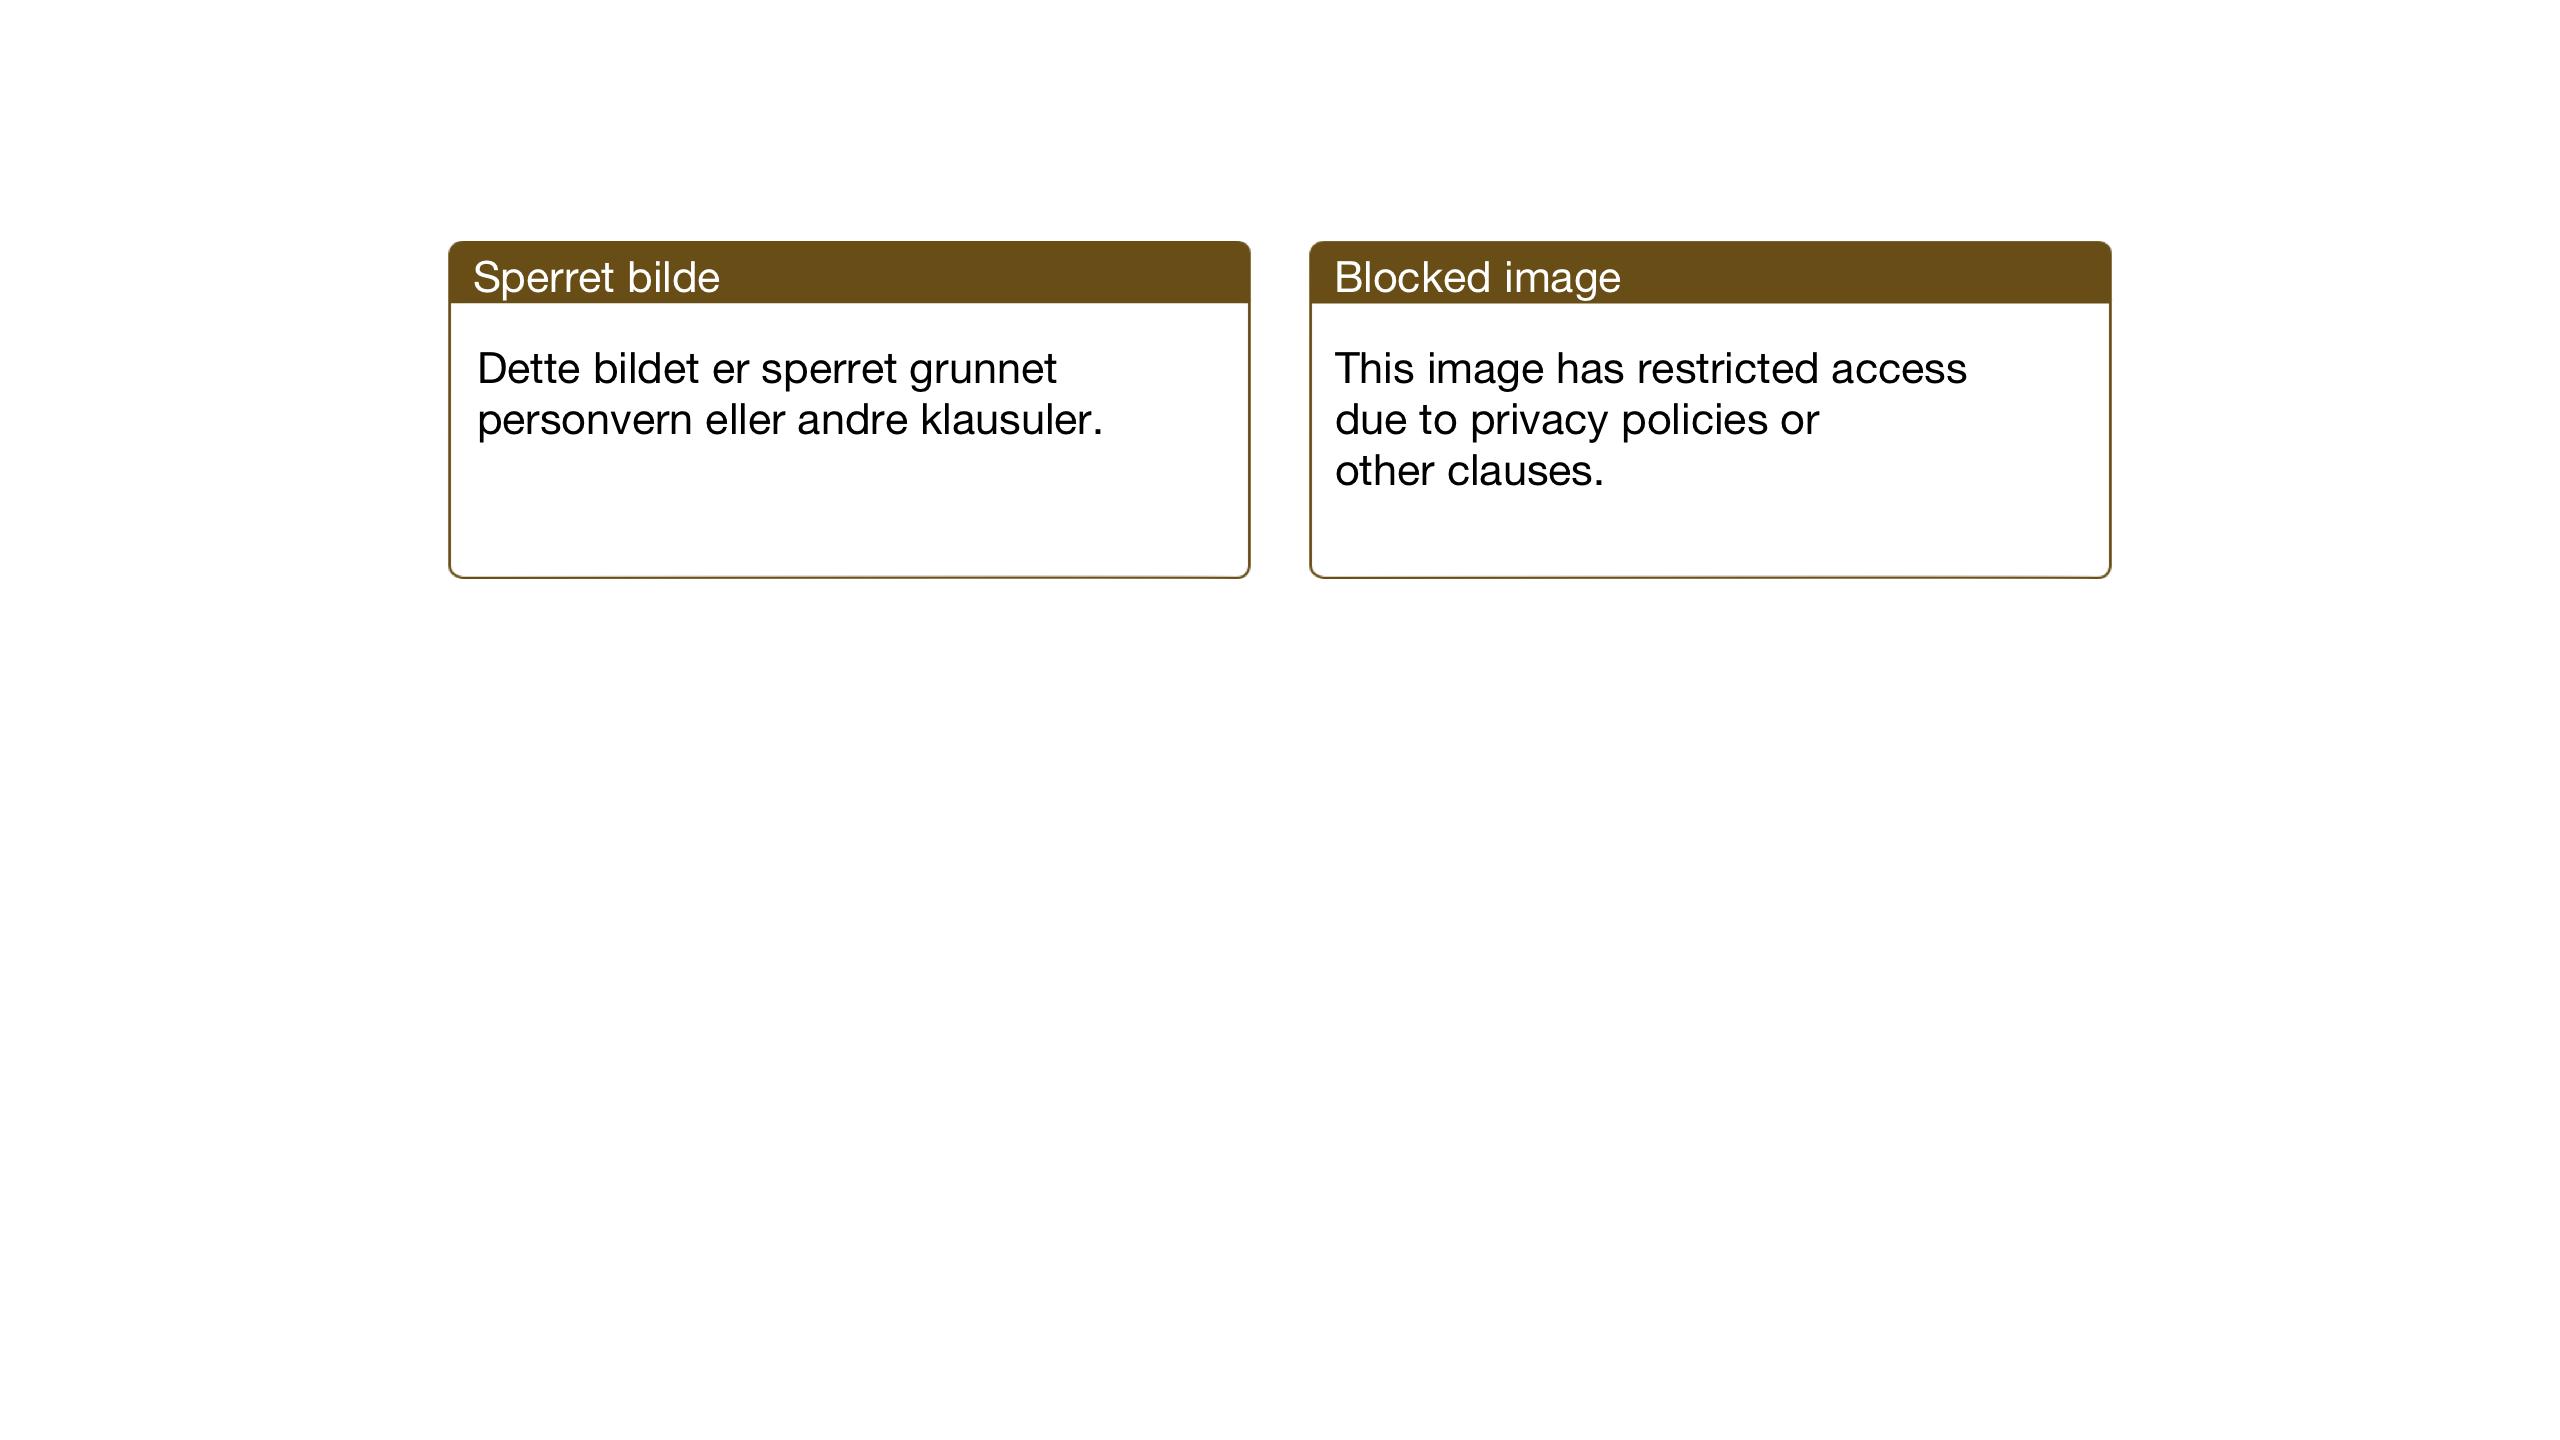 SAT, Ministerialprotokoller, klokkerbøker og fødselsregistre - Sør-Trøndelag, 688/L1030: Klokkerbok nr. 688C05, 1916-1939, s. 59